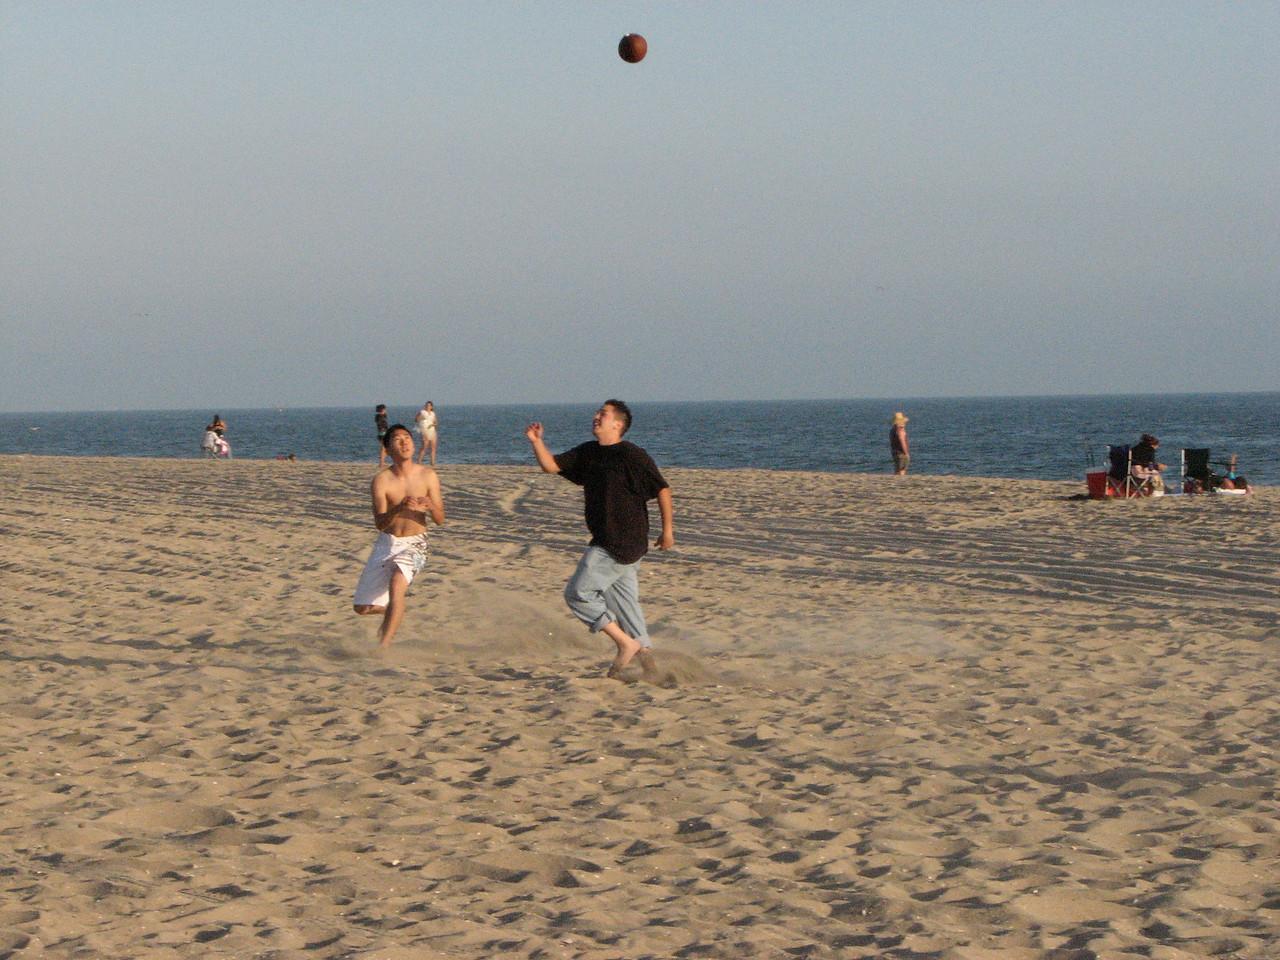 2007 06 22 Fri - The opposite interception